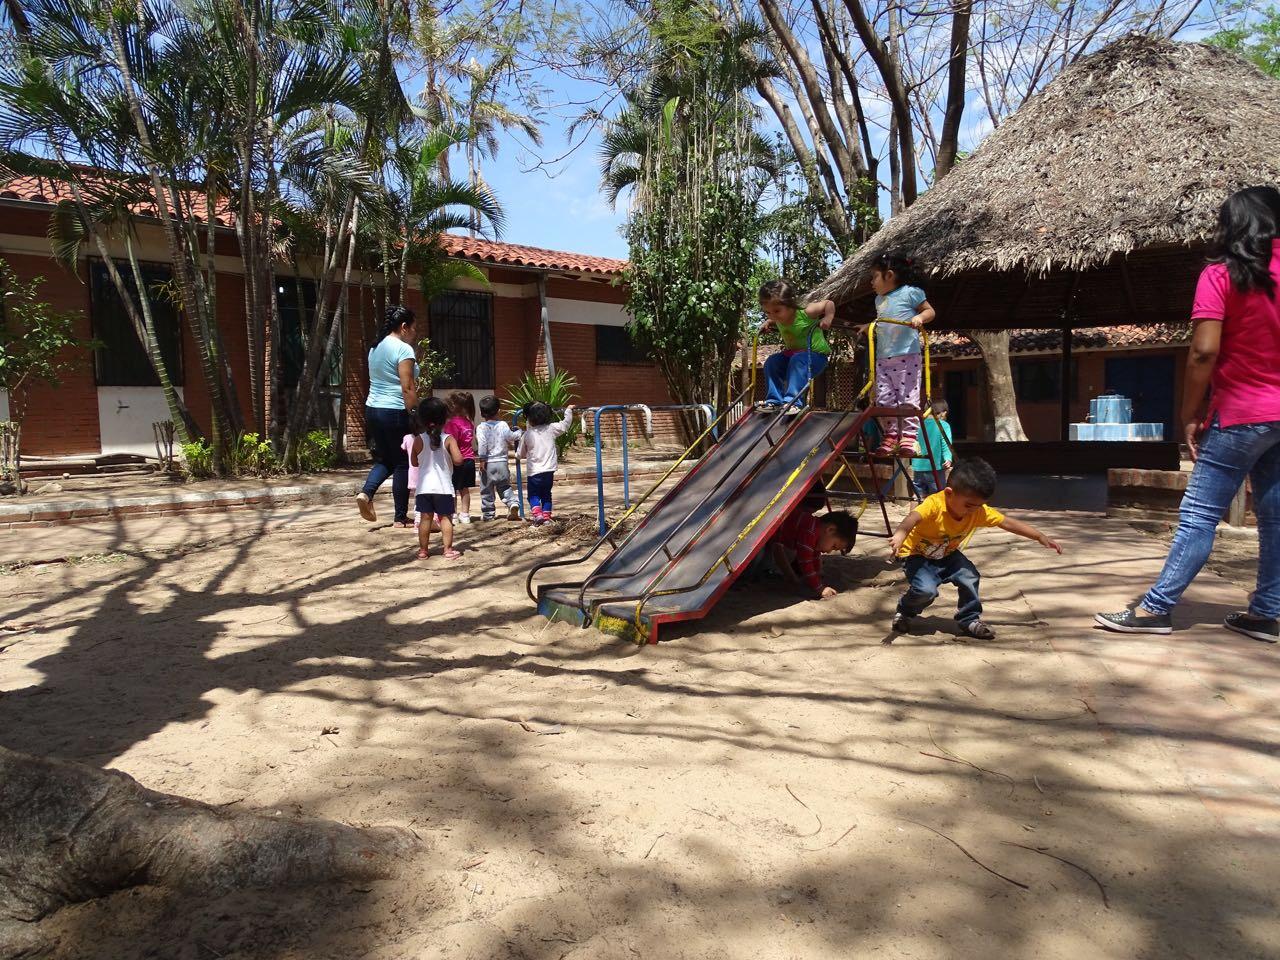 The new playground